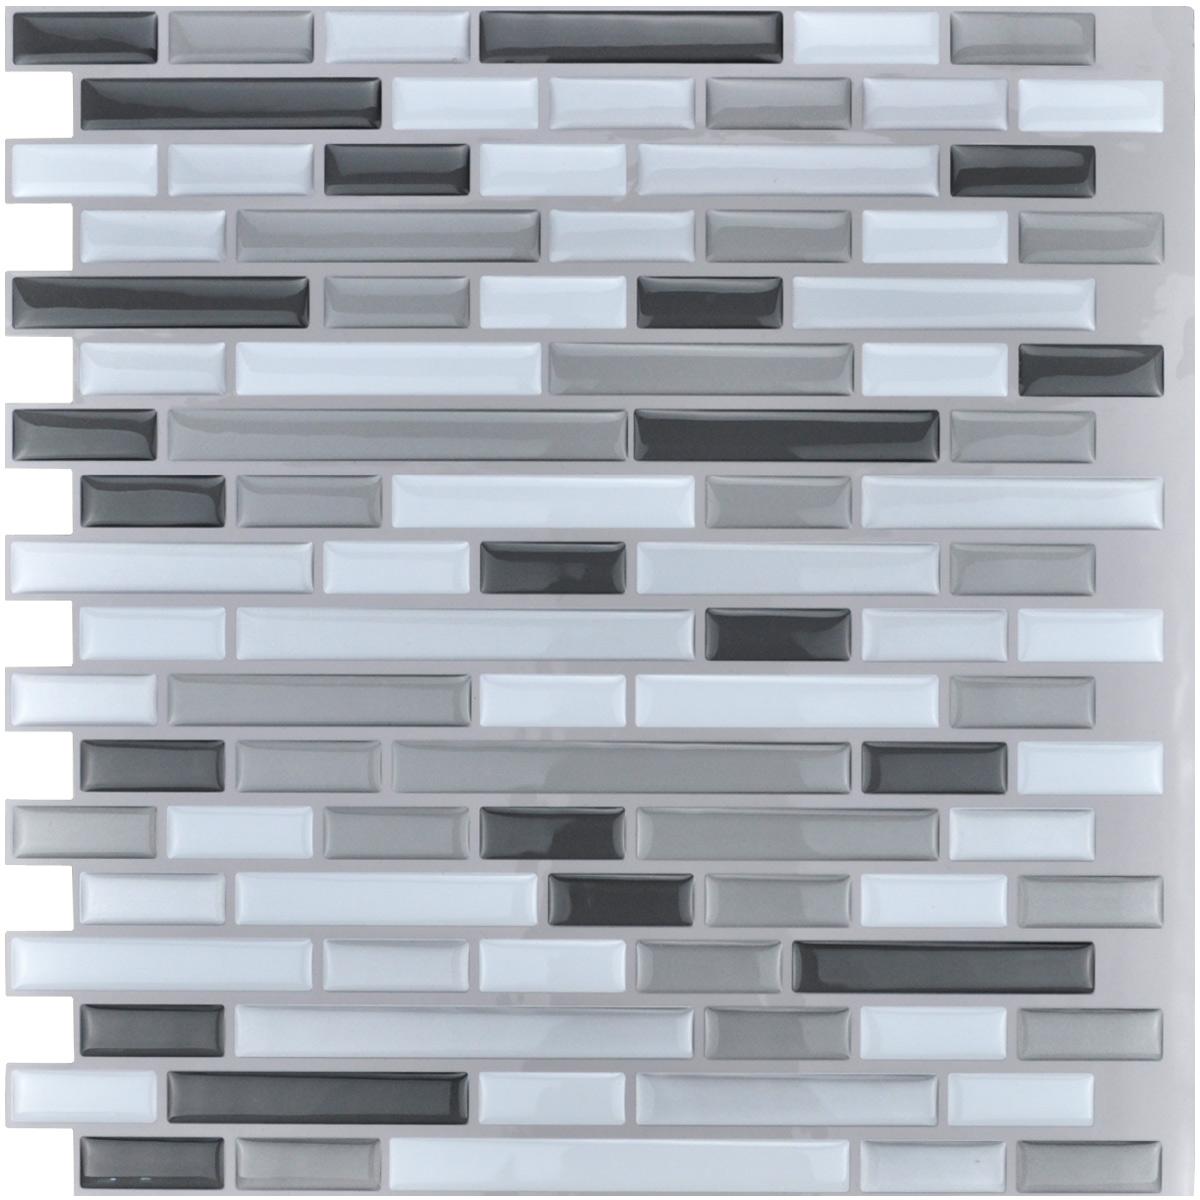 Peel and Stick Backsplash Tile for Kitchen, 12\